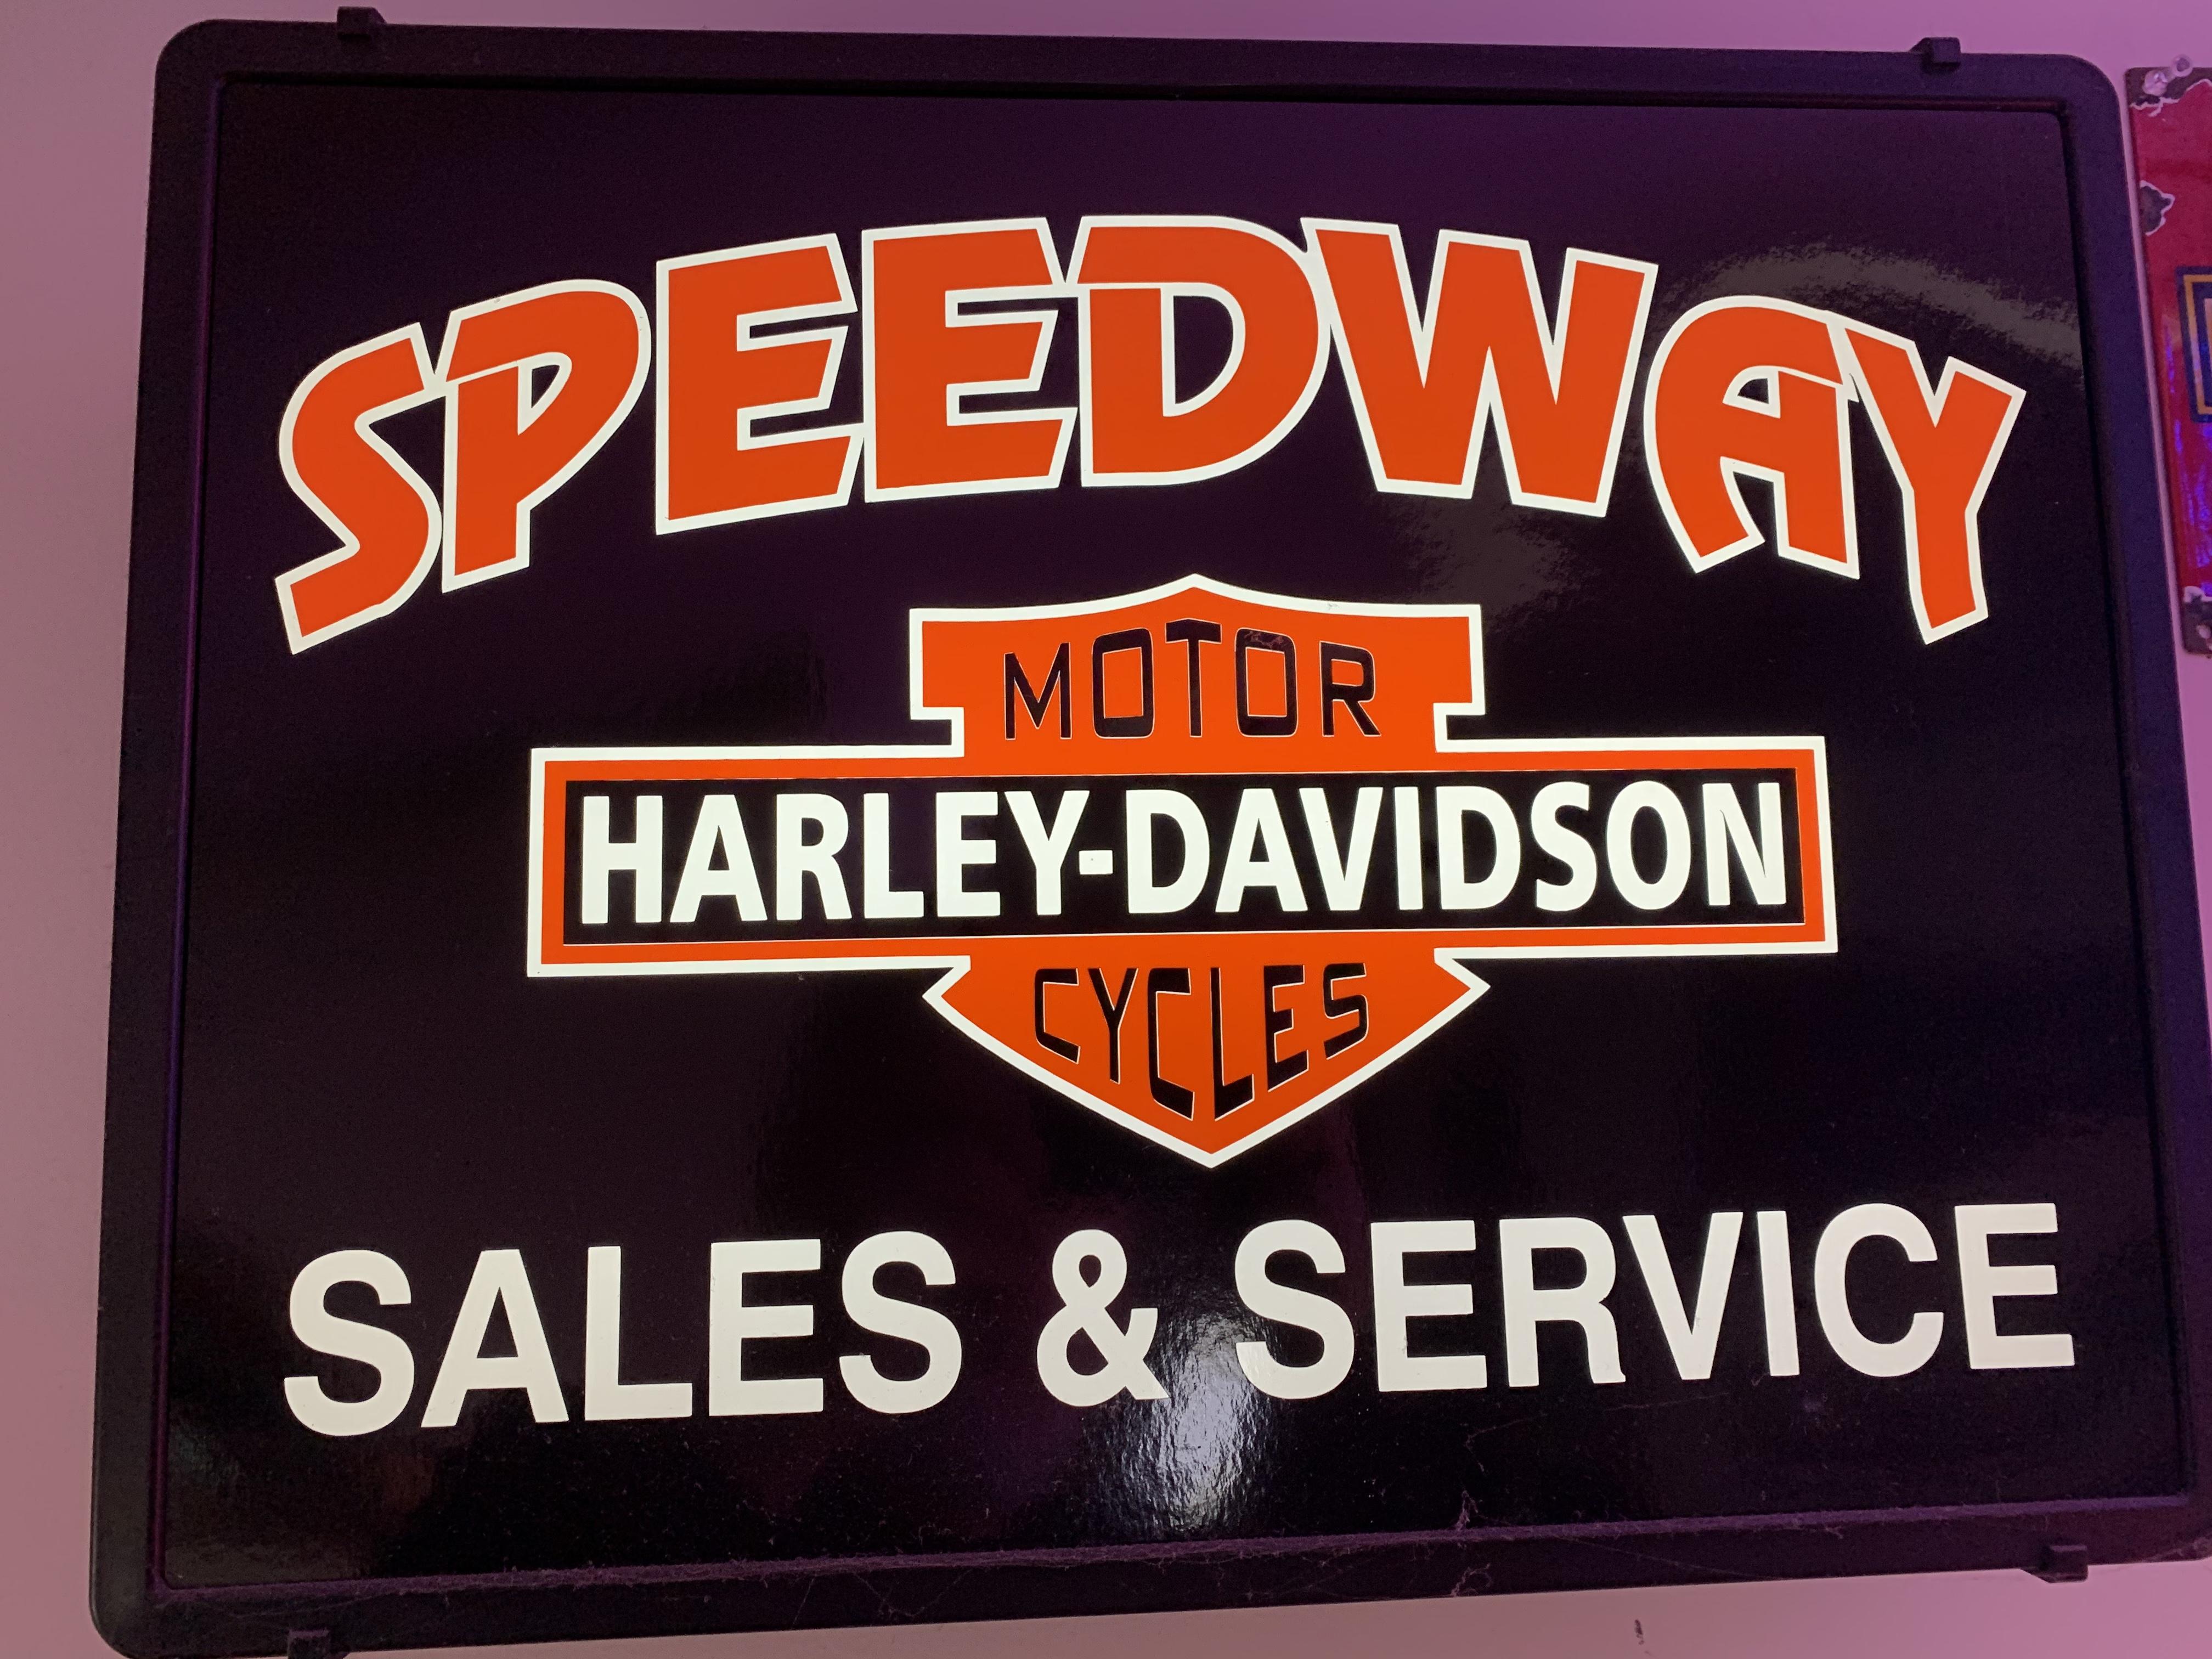 Harley-Davidson Sales & Service Sign